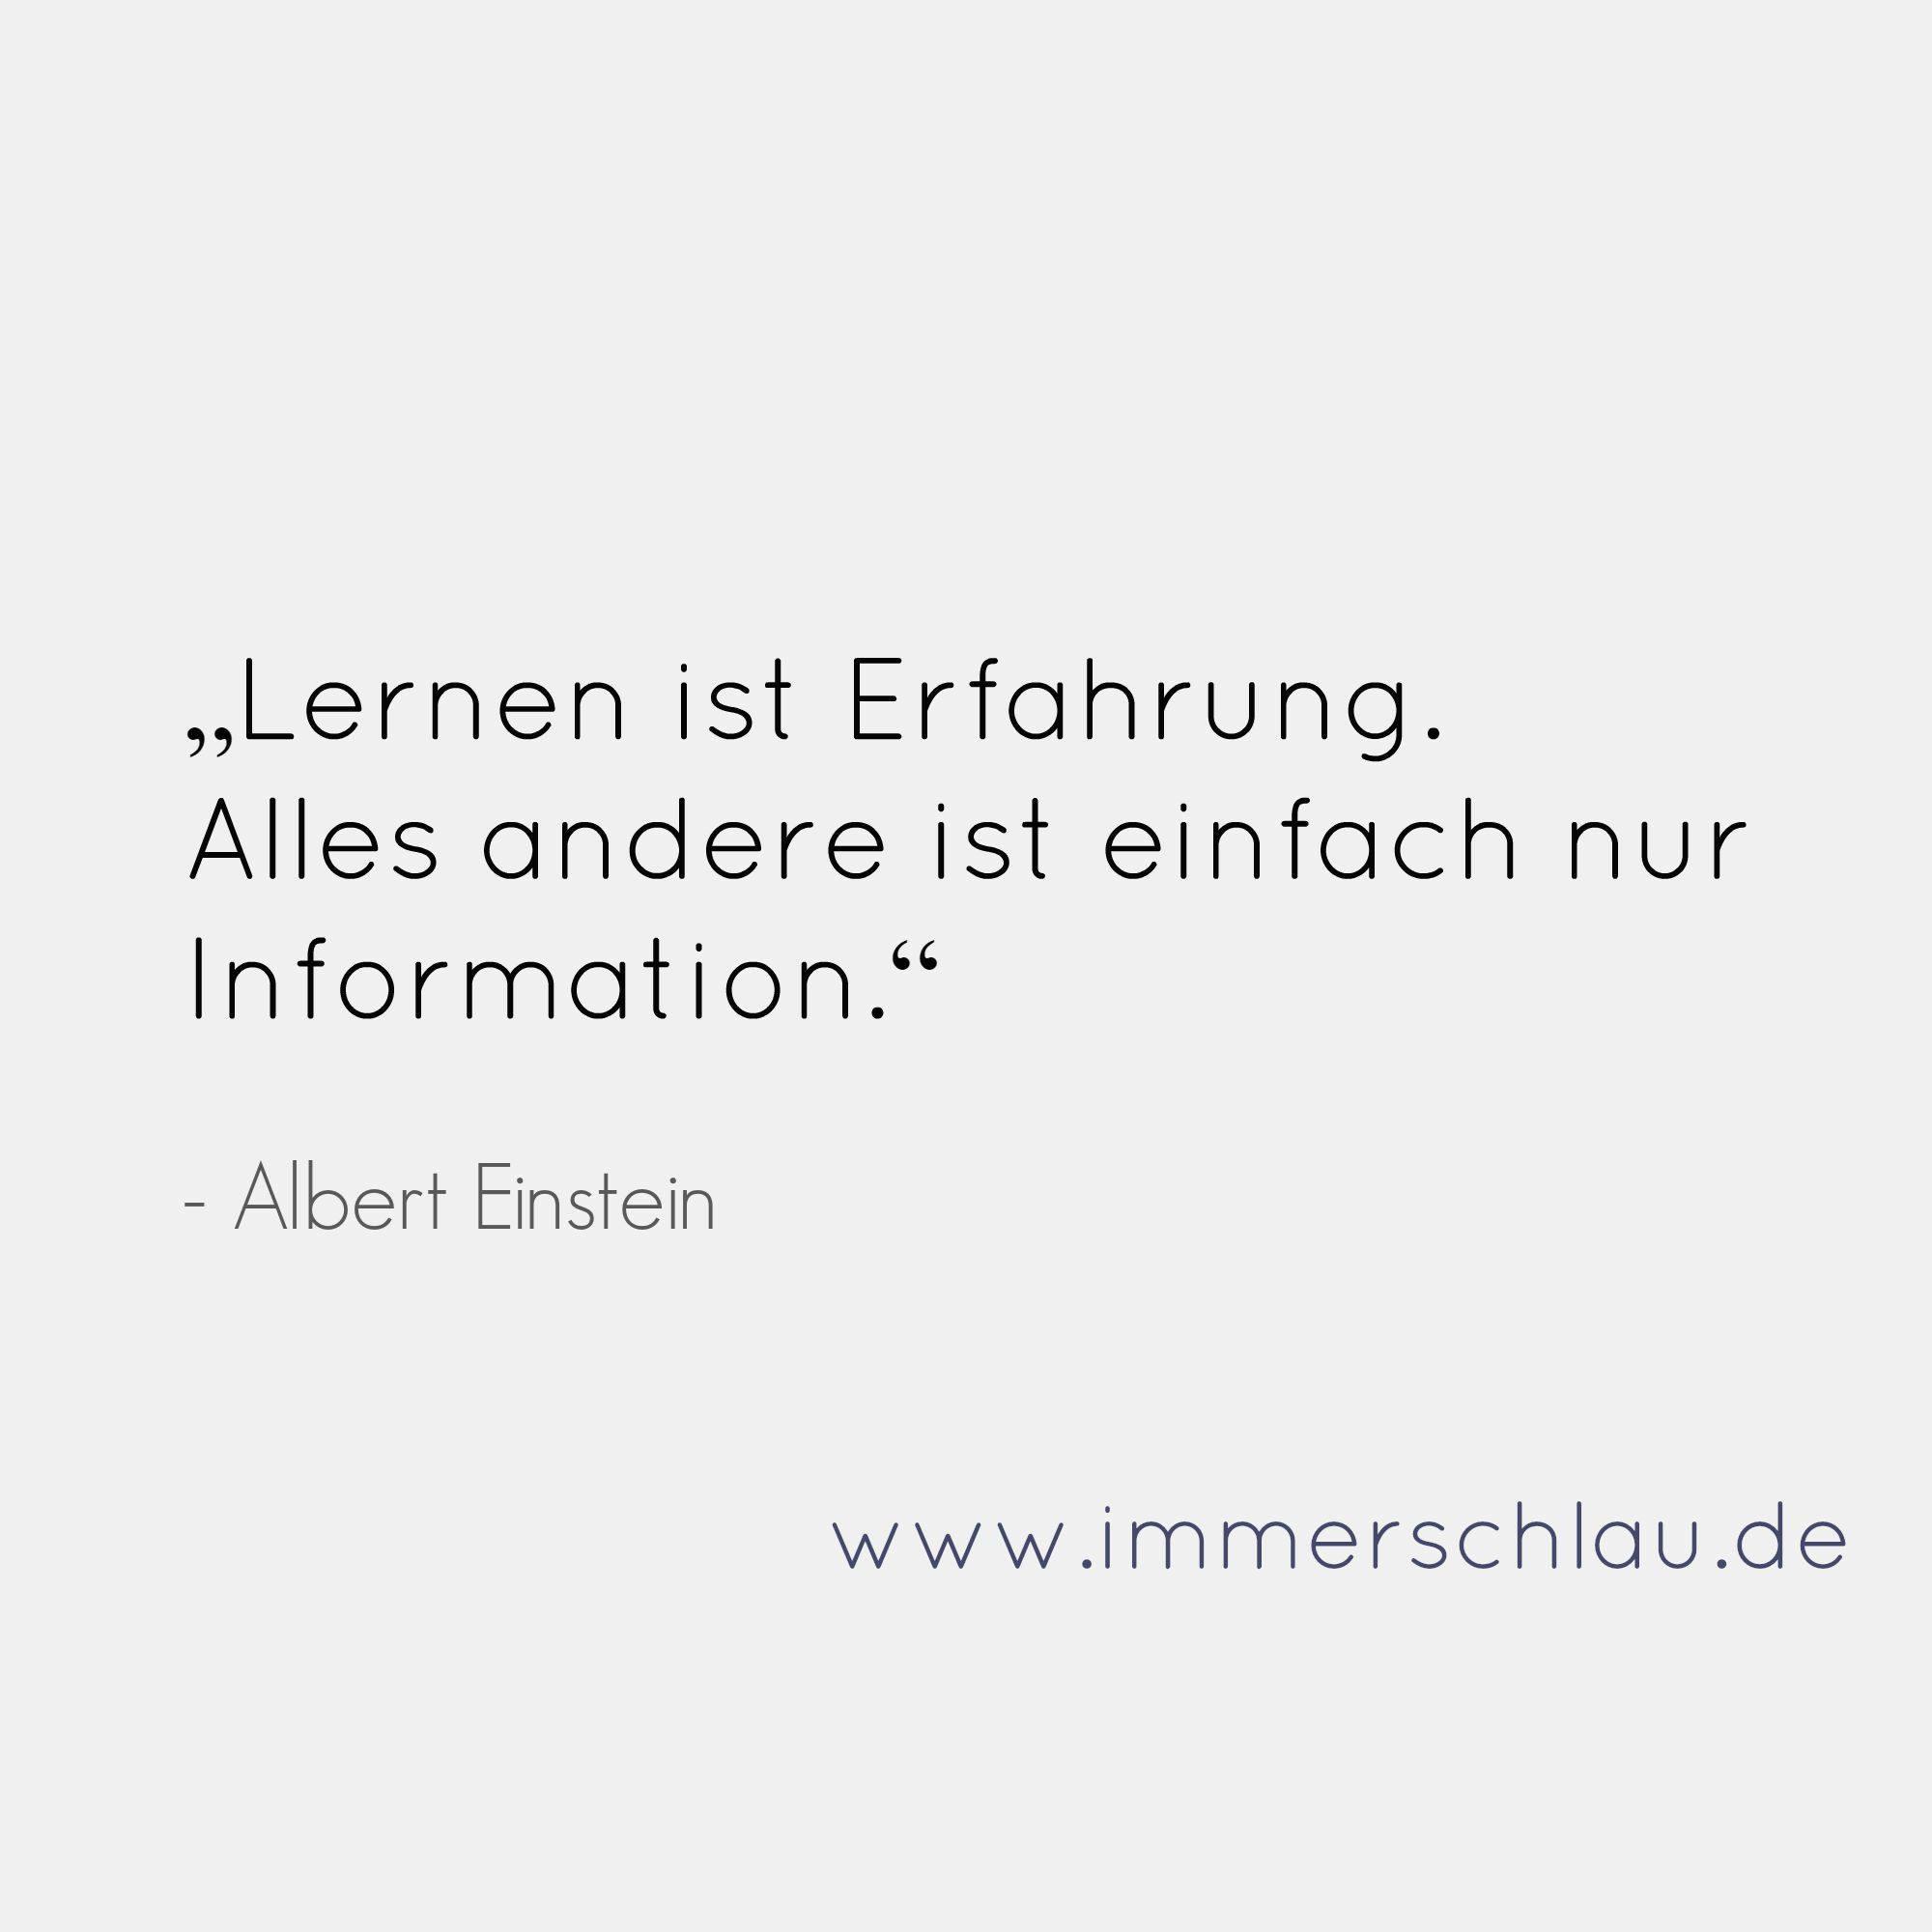 Albert Einstein Zitate Lernen Tolle Sprüche Leben